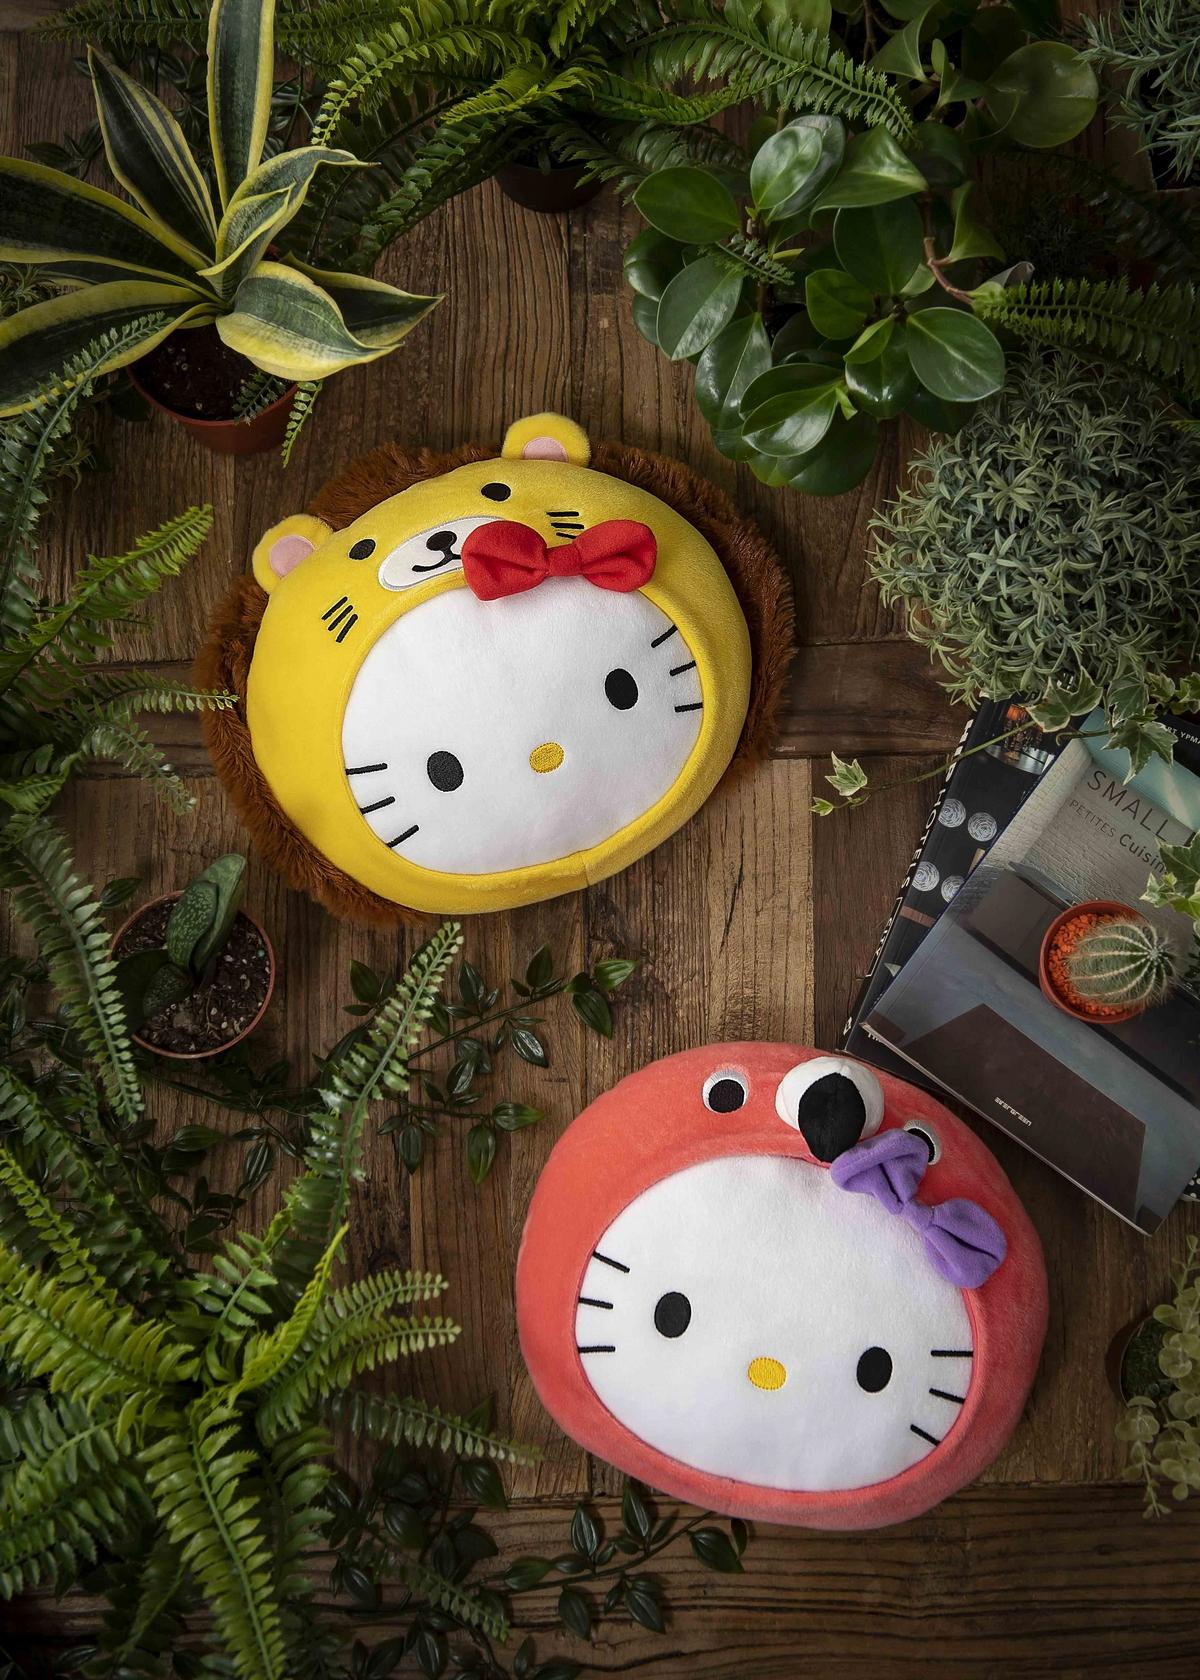 麥當勞 x Hello Kitty 化身超萌獅子、粉紅鶴⋯4款超萌限量抱枕,一定要搜集!